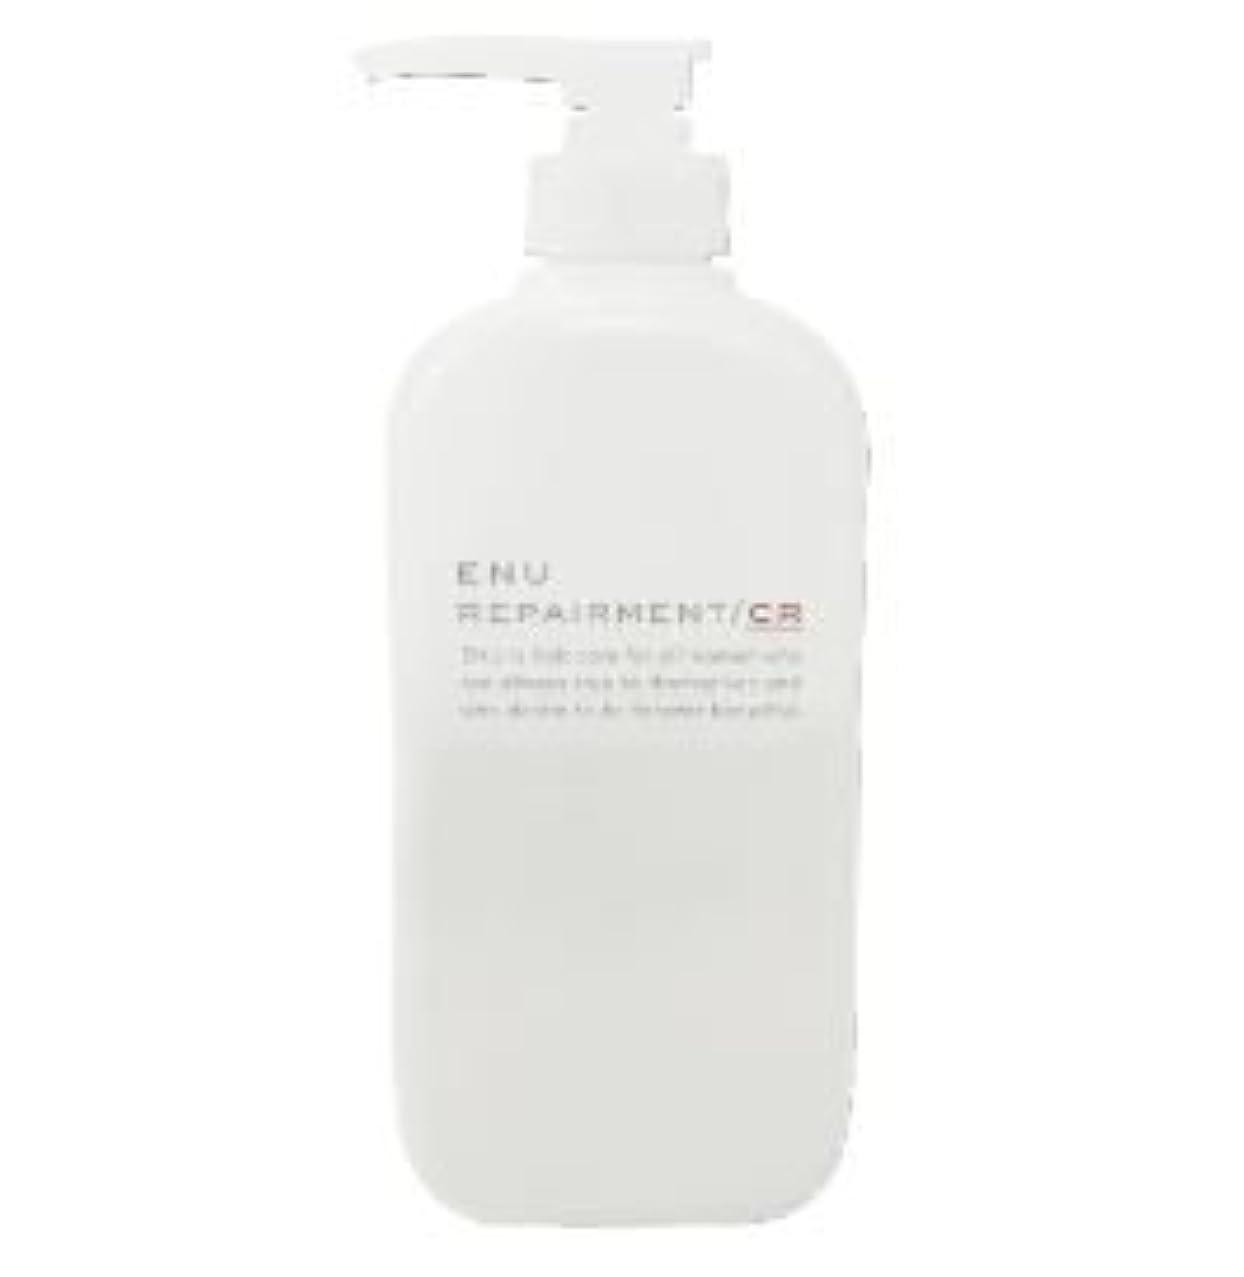 しかし溢れんばかりの湿気の多いナカノ エヌ リペアメント CR 500g